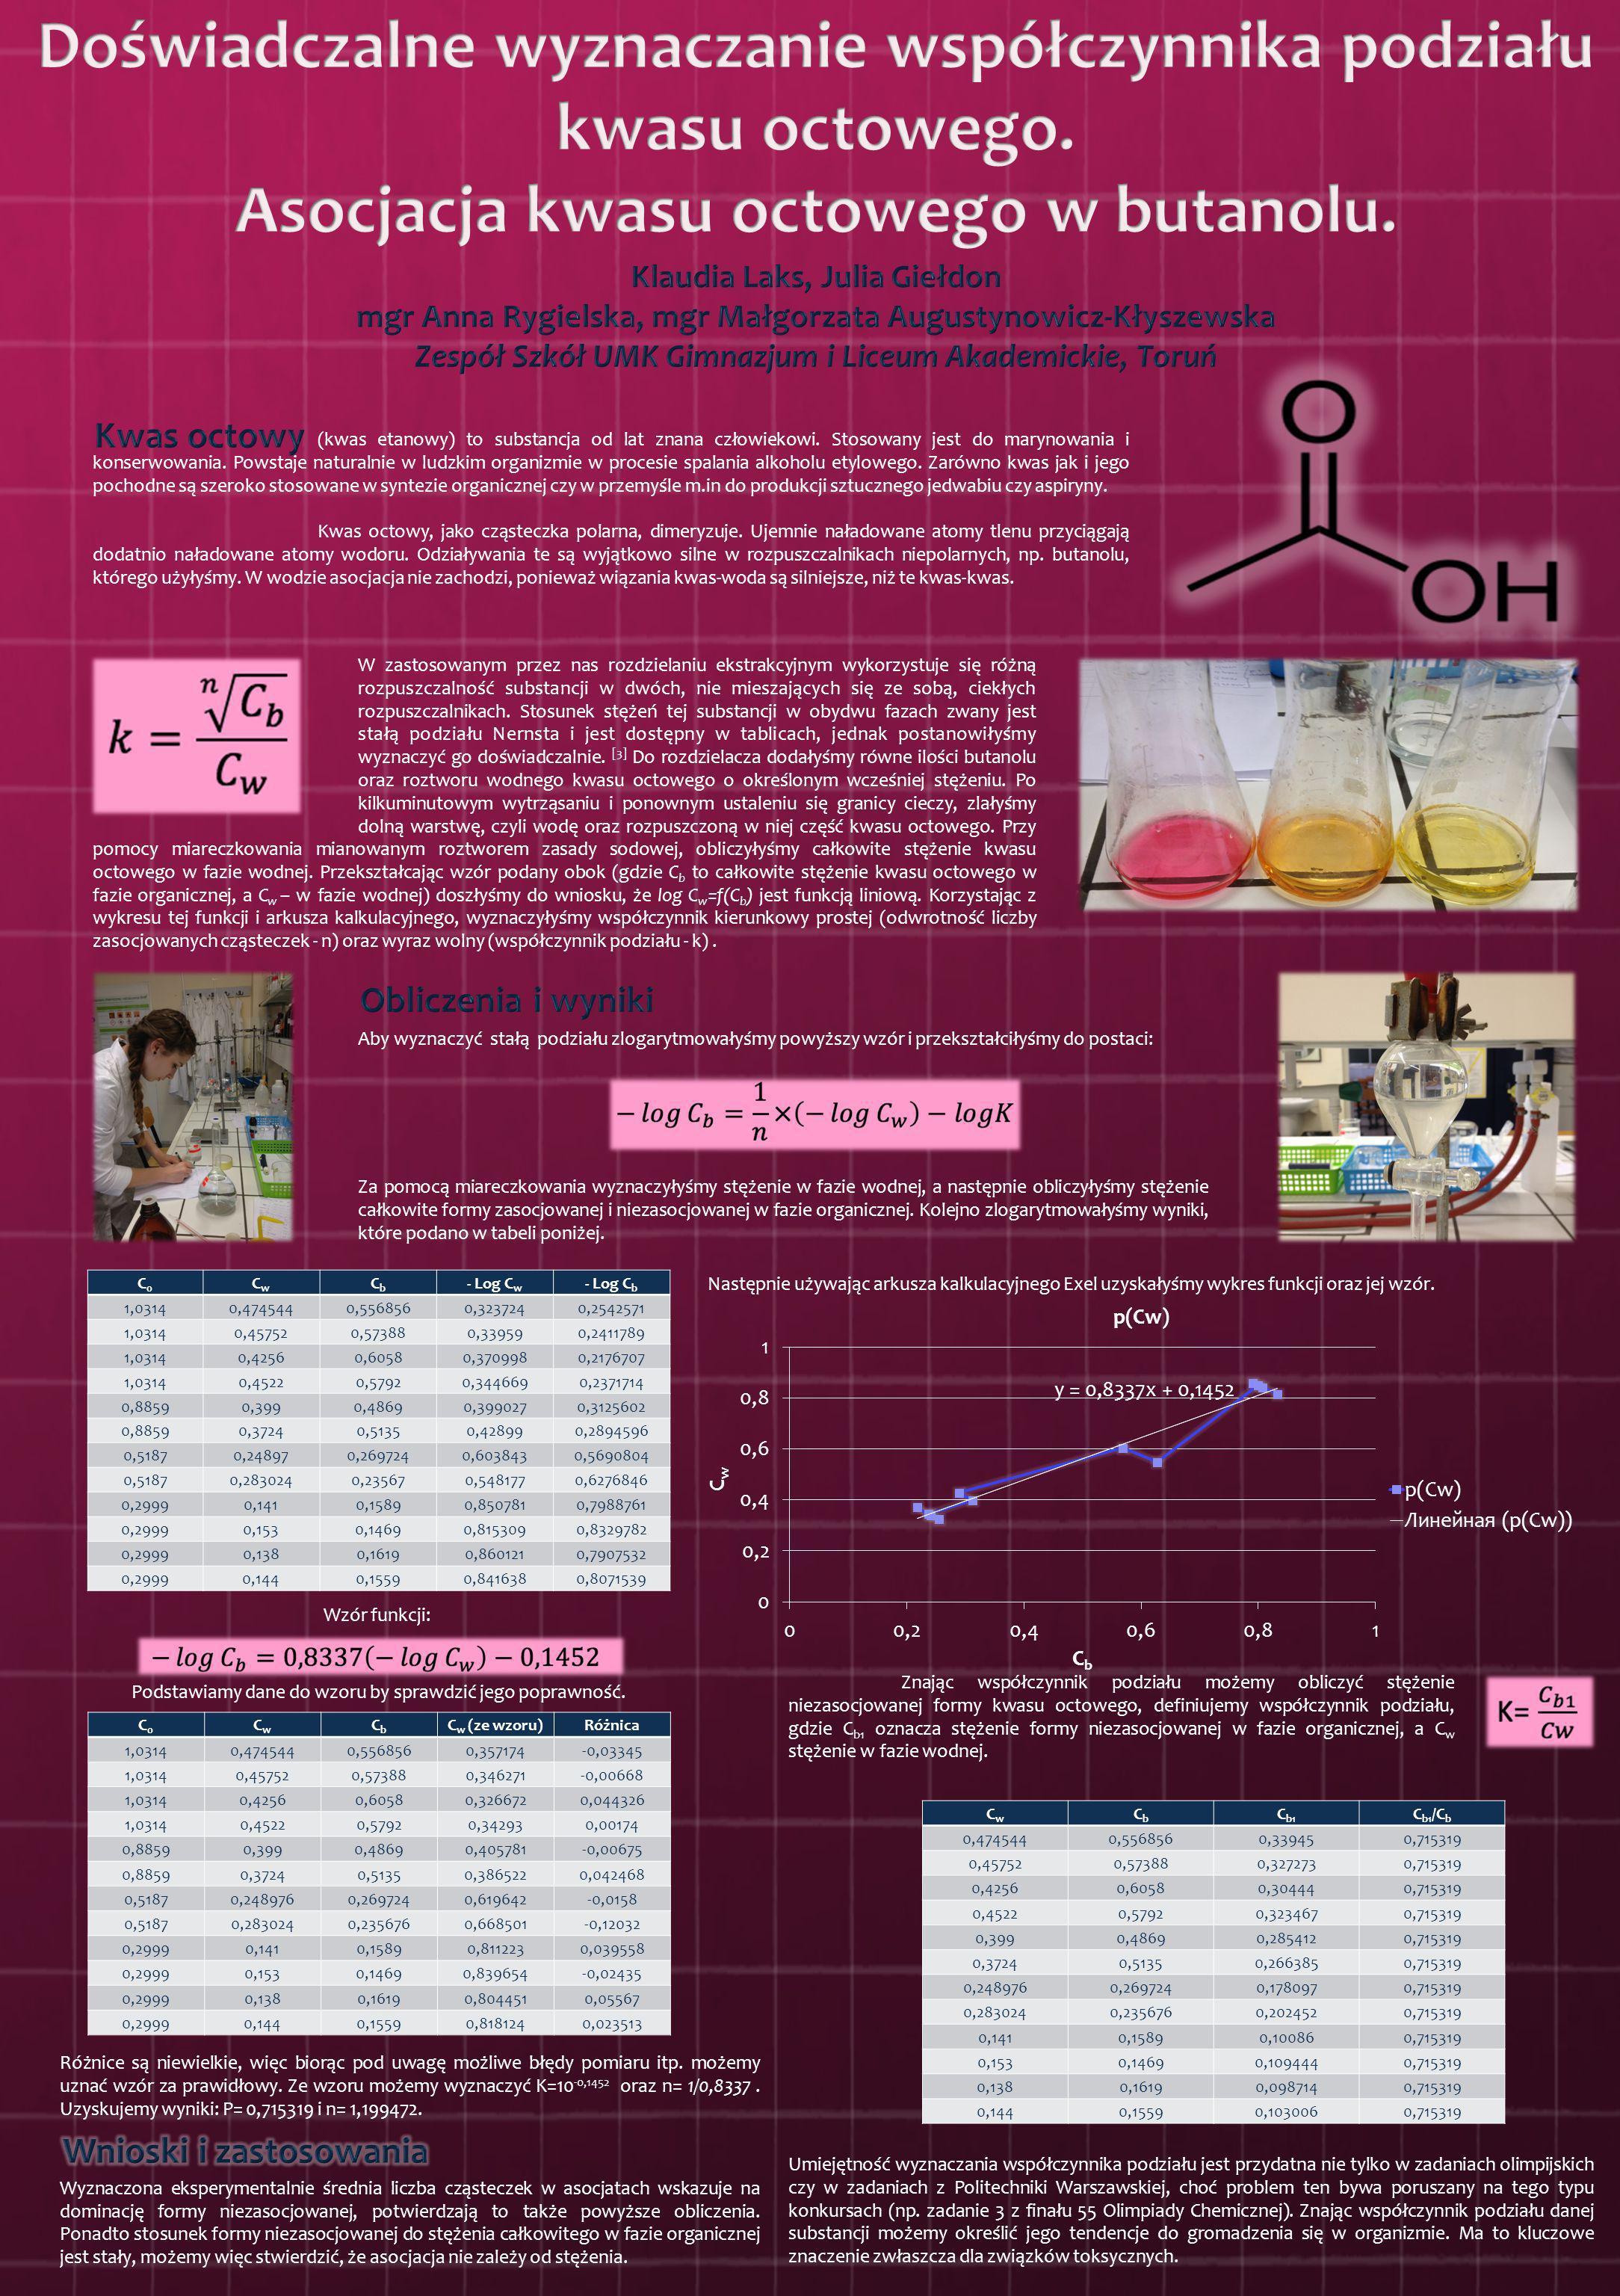 Doświadczalne wyznaczanie współczynnika podziału kwasu octowego.